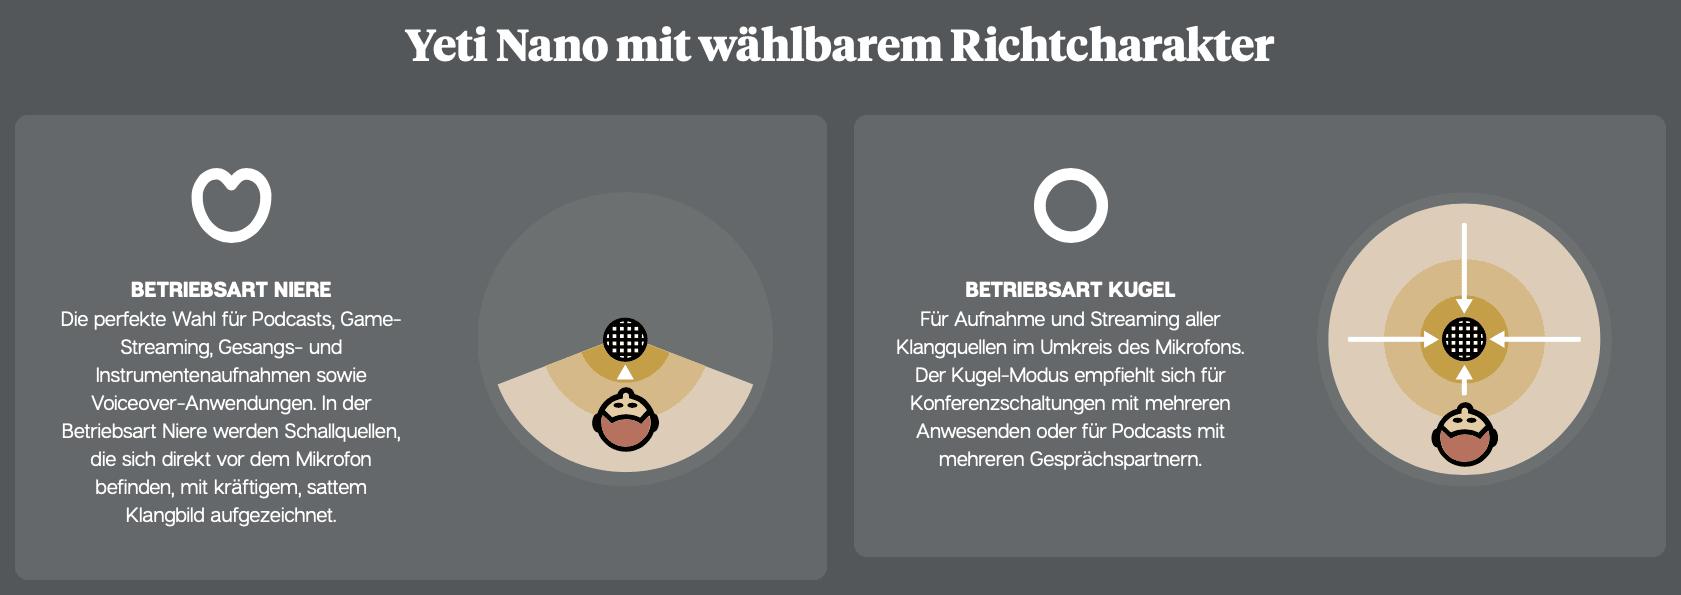 Die beiden Richtcharakteristika des Yeti Nano.